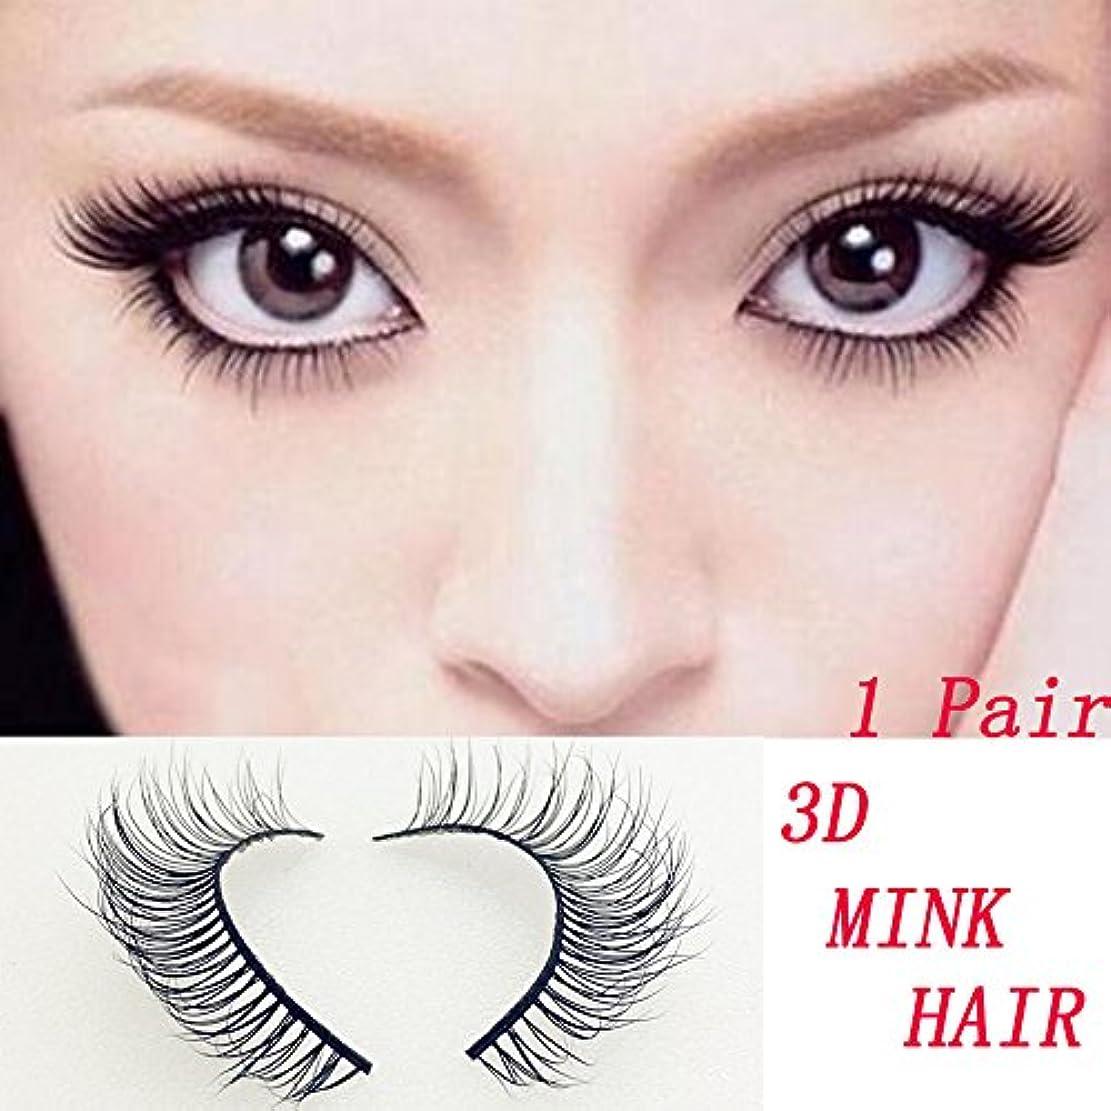 こだわり期限痛み1ペア高級3Dミンクの髪つけまつげふわふわストリップまつげロングナチュラル